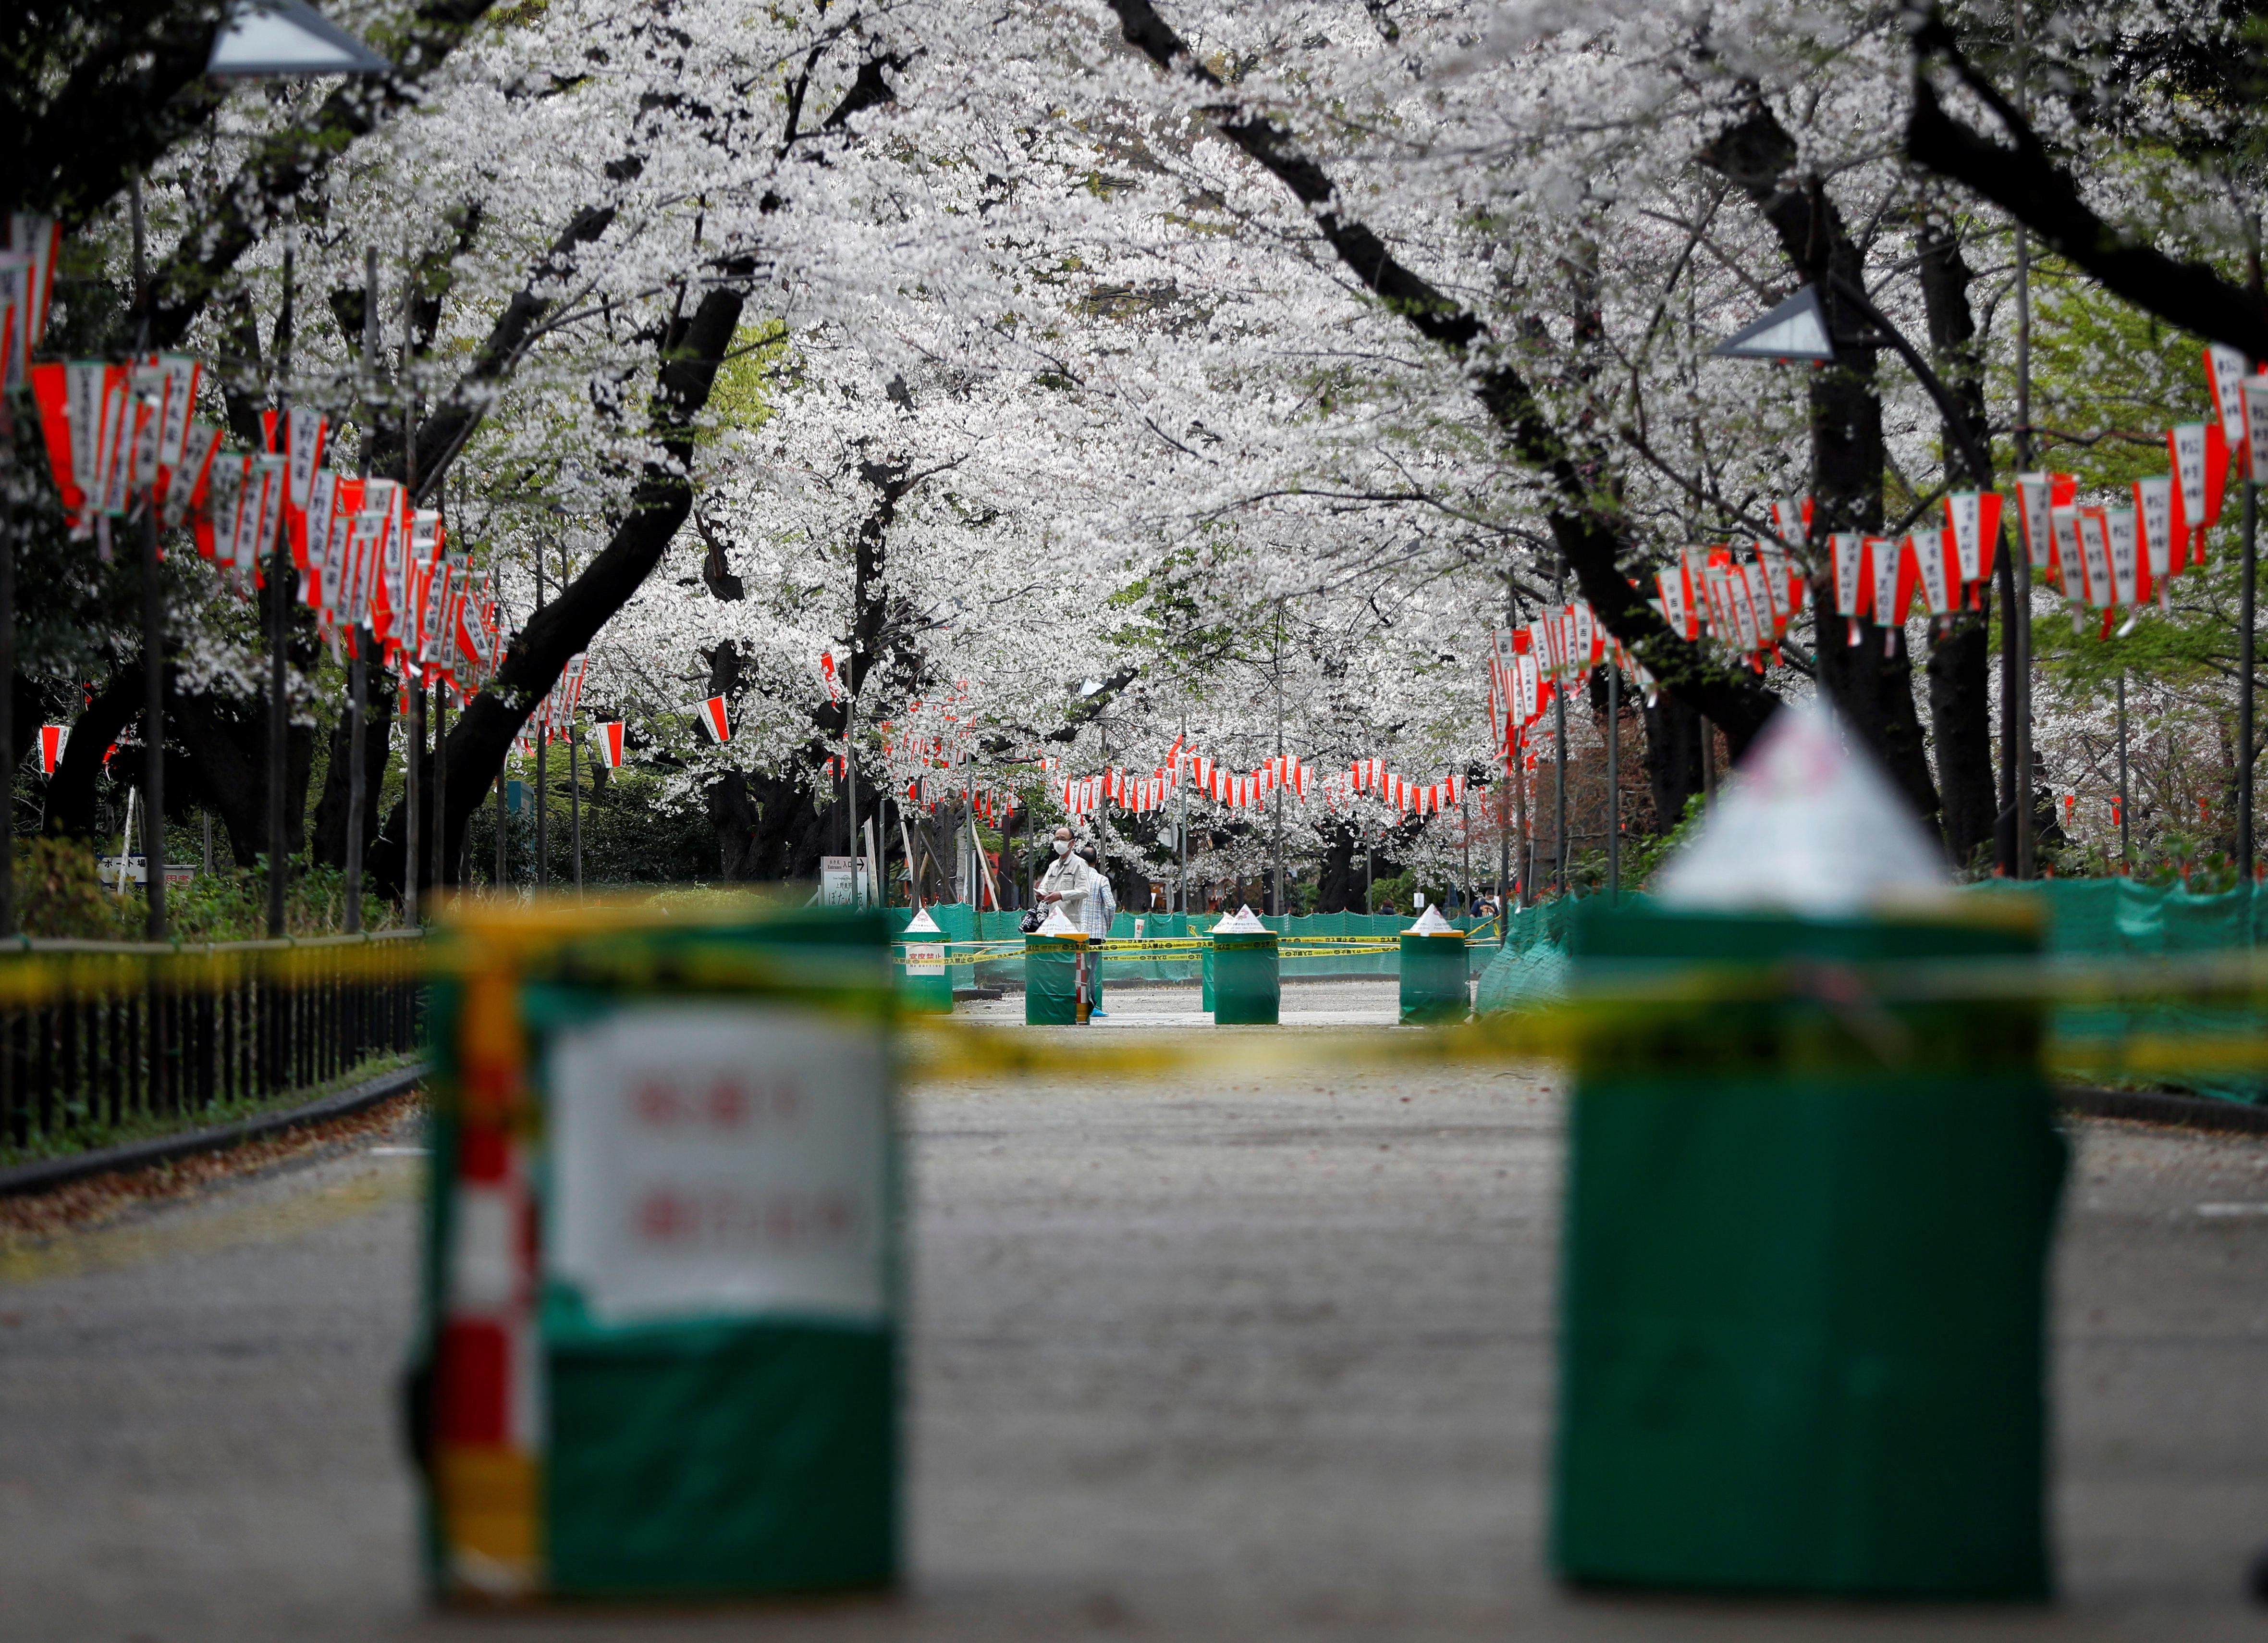 美國,日本,東京奧運,觀光,日本經濟,景氣,緊急事態宣言,集體自衛權,台海,兩岸關係,中國,拜登,菅義偉